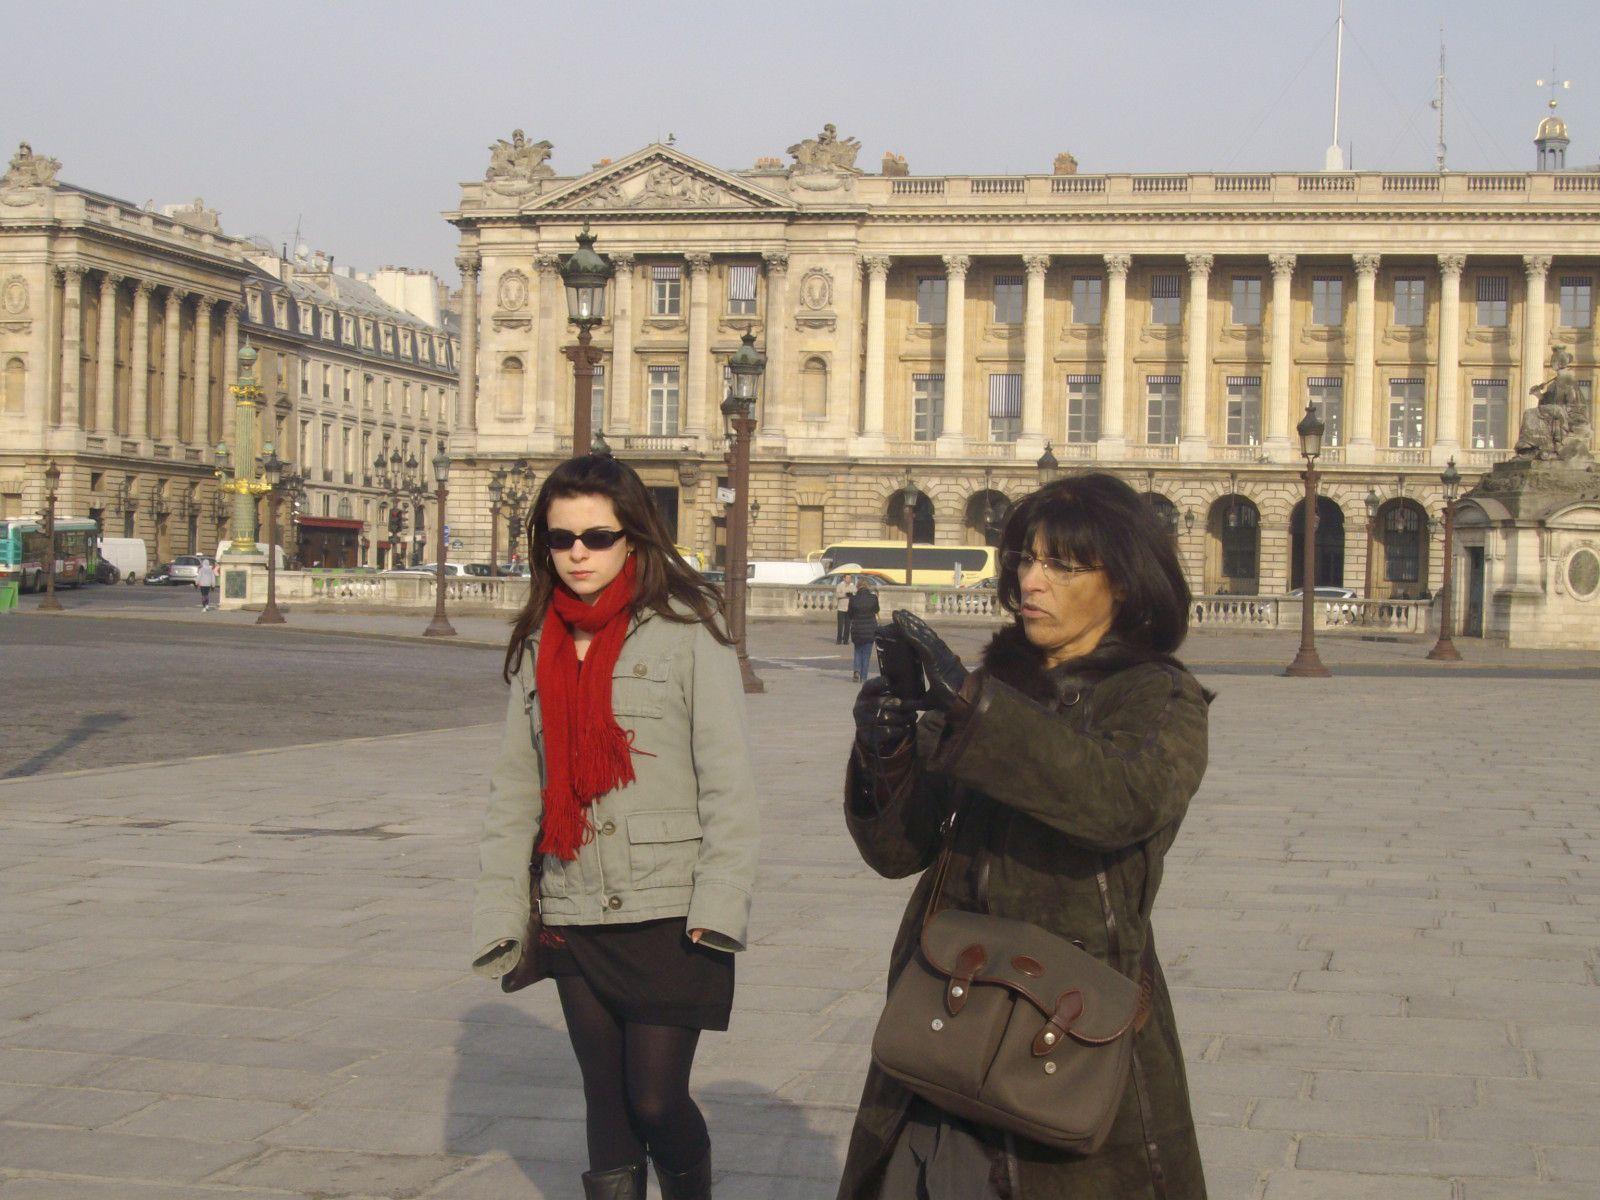 A Paris, au Ministère de l'Éducation nationale, Fiona (TL) et Juliette (1L) reçoivent au nom de tous les lycéens d'i-voix le PREMIER PRIX ETWINNING 2009 CATÉGORIE LYCEES.